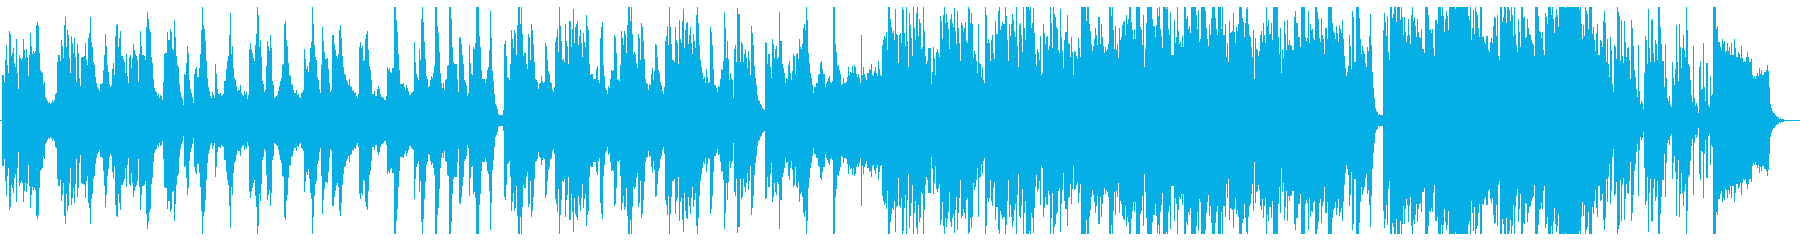 和風なピアノとストリングスの切ない系の再生済みの波形